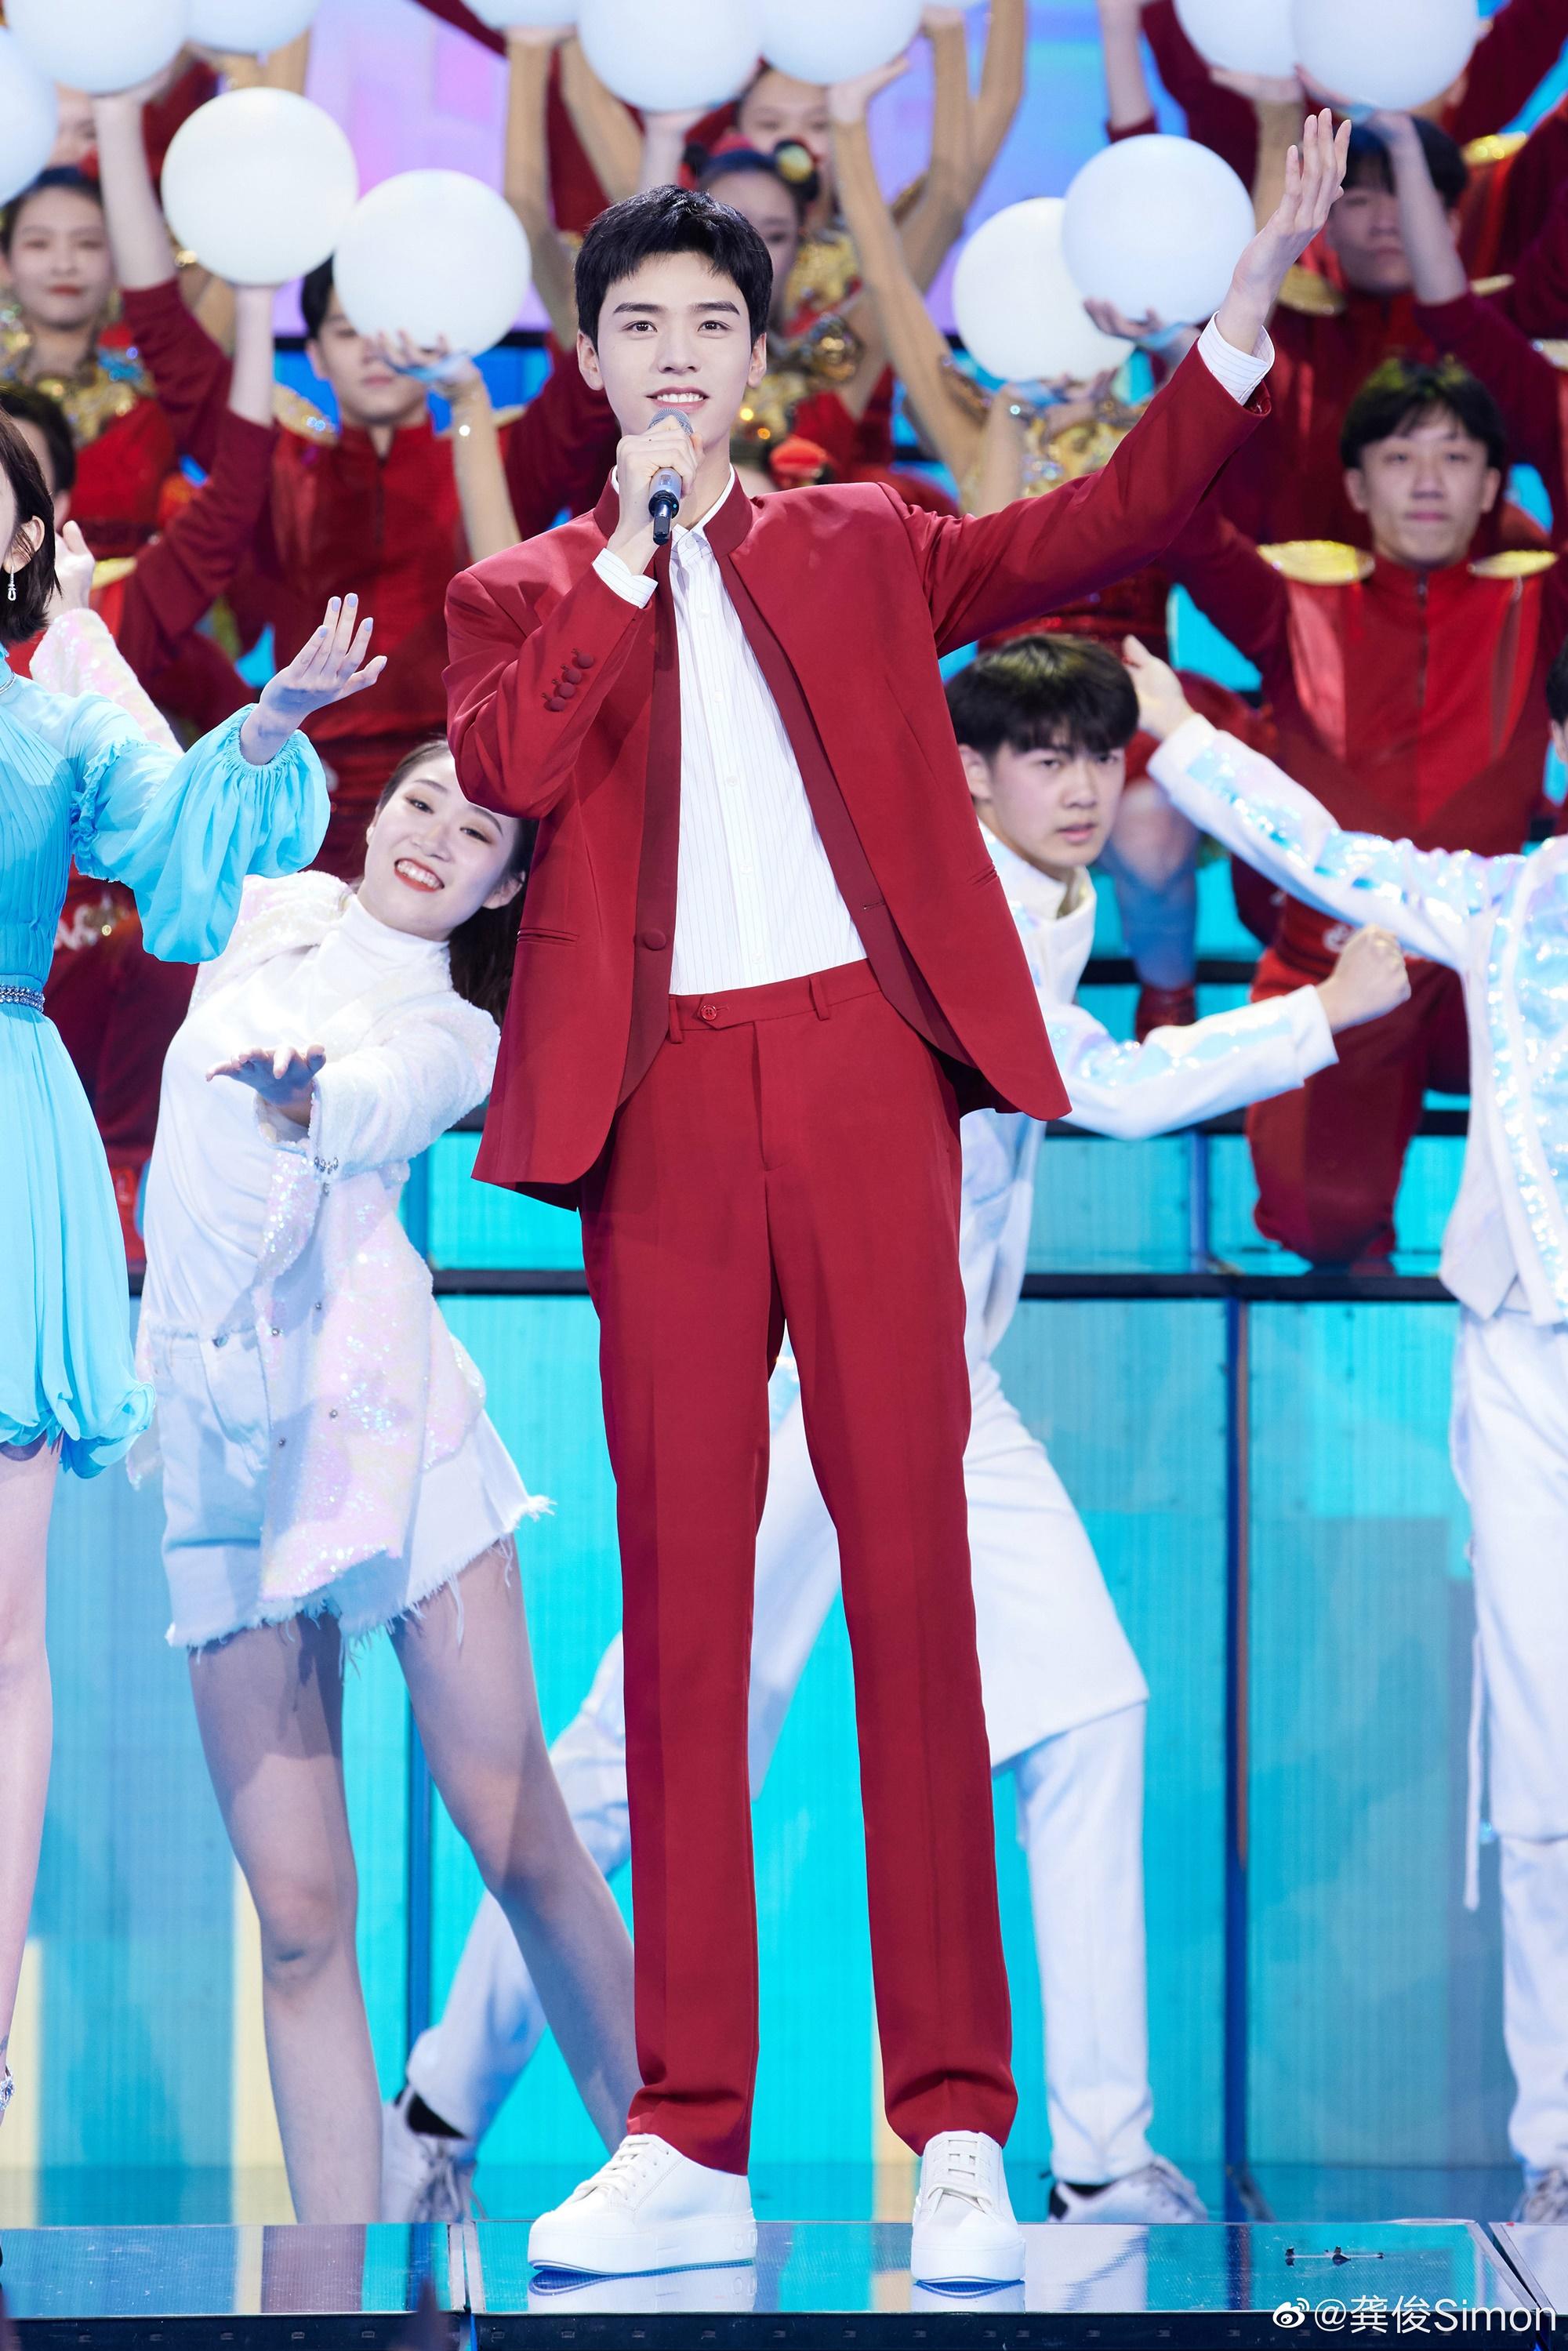 Cung Tuấn là ngôi sao được săn đón sau thành công của Sơn hà lệnh.